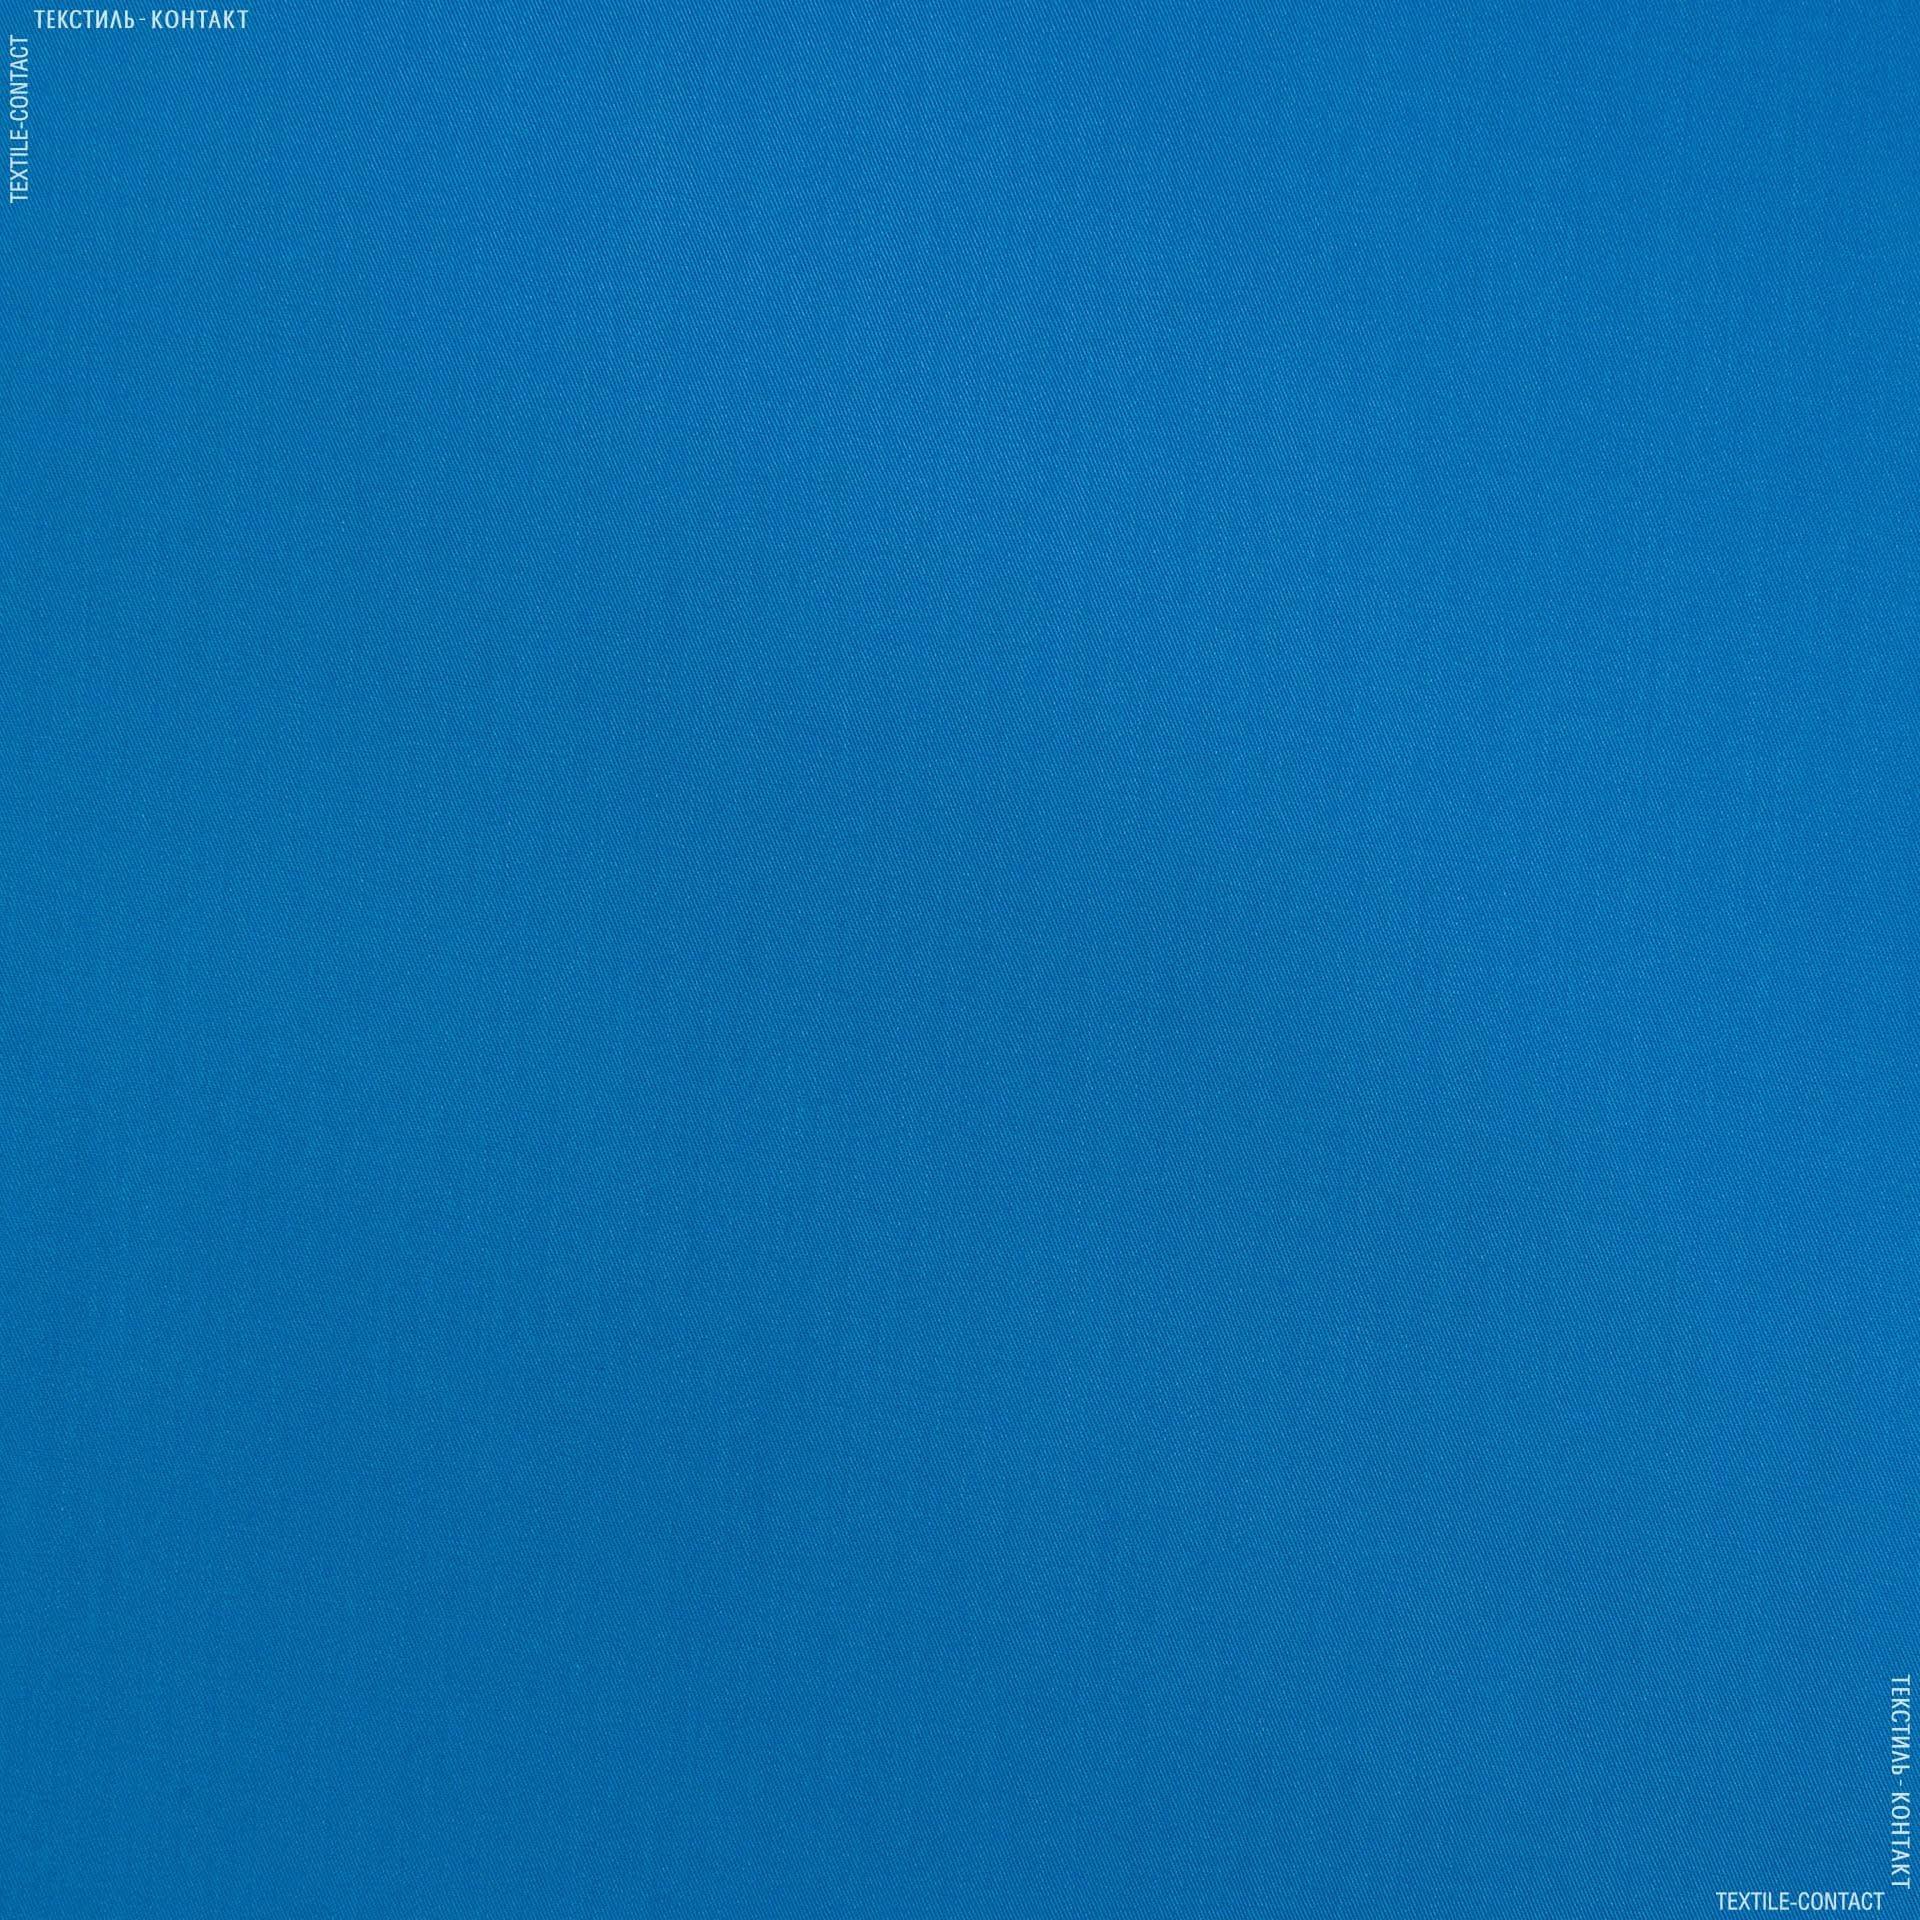 Ткани для спецодежды - Ткань медицинская-1 т.бирюзовая